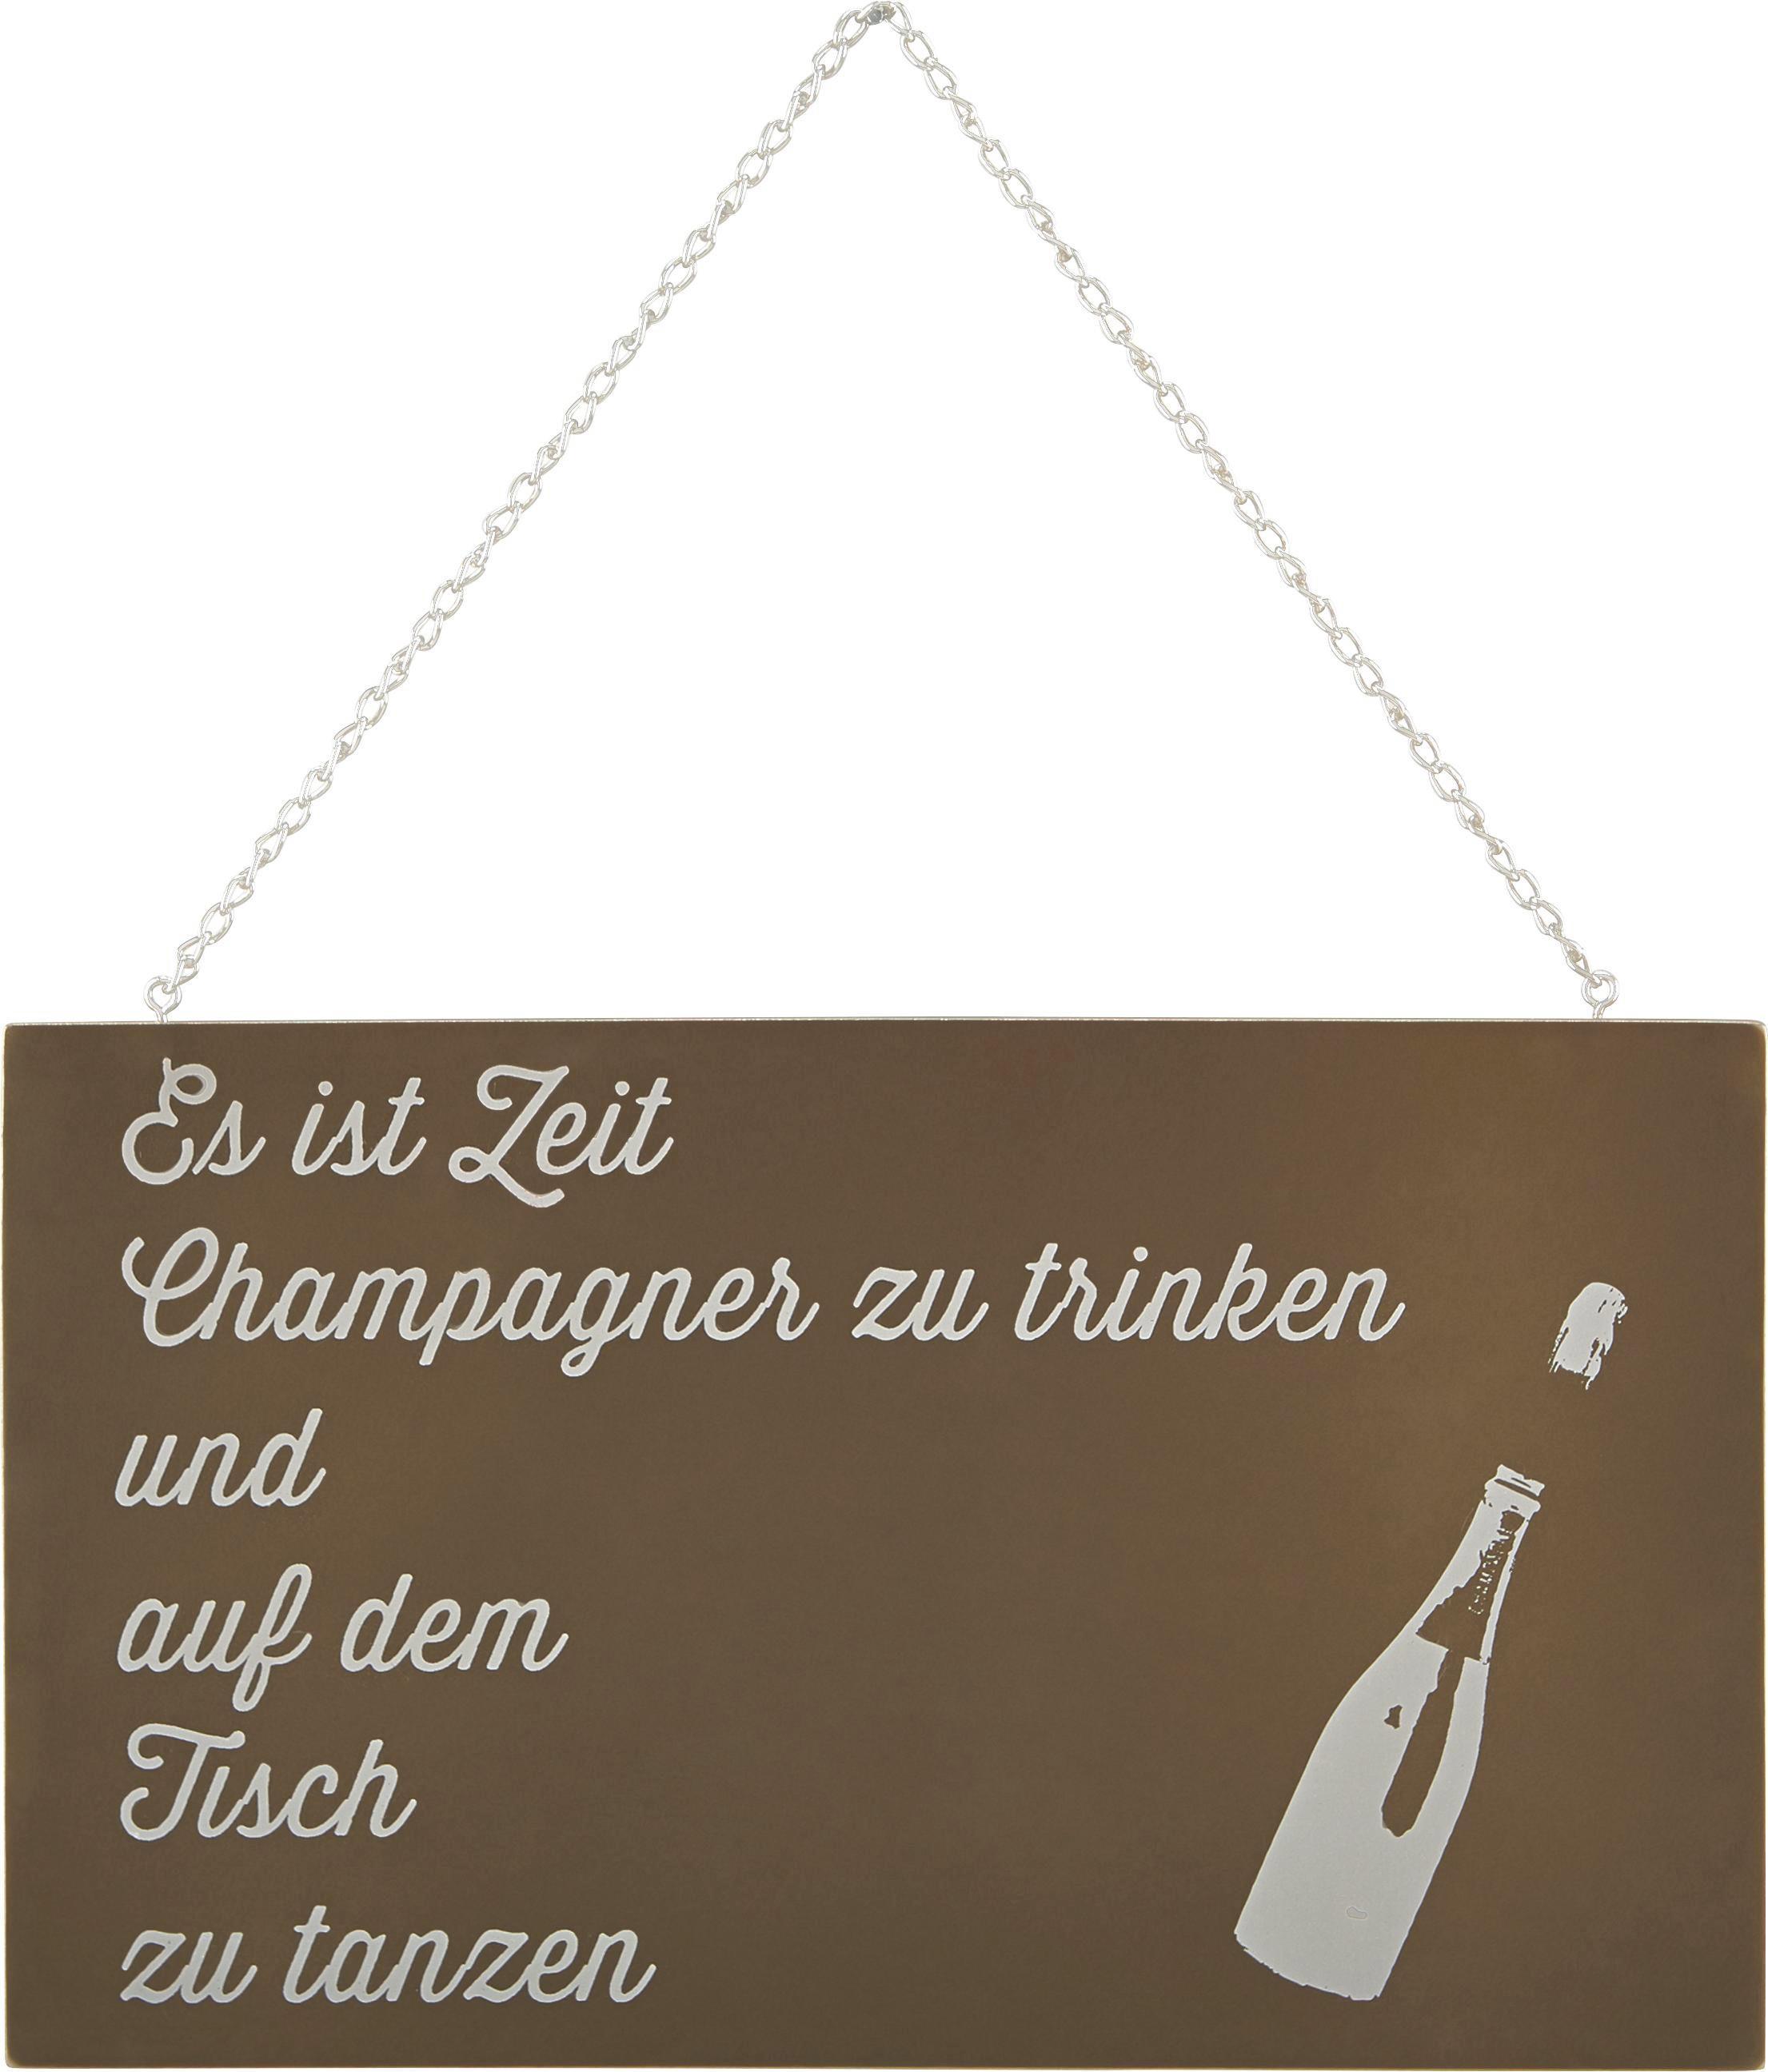 Dekoschild Reimi in Weiß/Gold - Goldfarben/Weiß, MODERN, Holzwerkstoff/Metall (23,2/13,5/0,5cm) - MÖMAX modern living